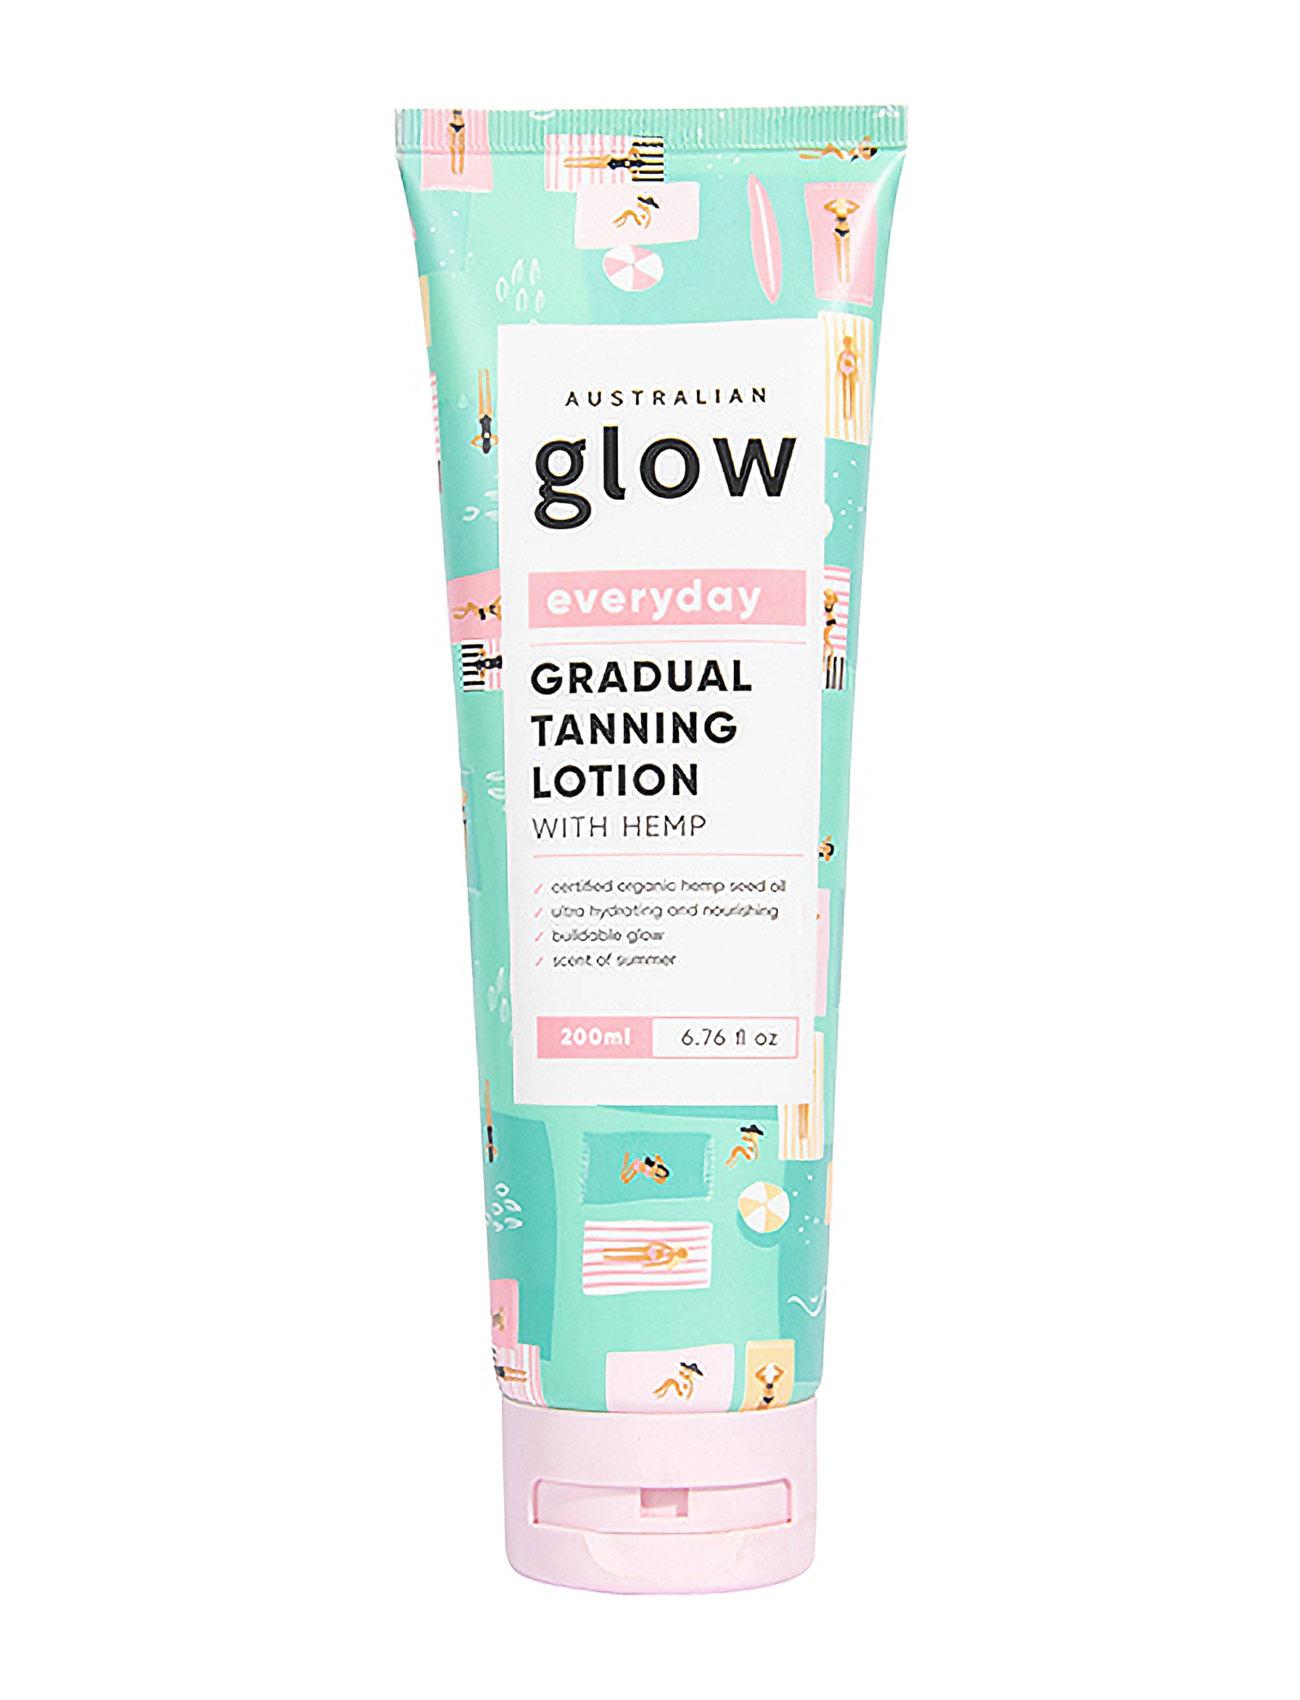 Australian Glow Gradual Tanning Lotion - GRADUAL